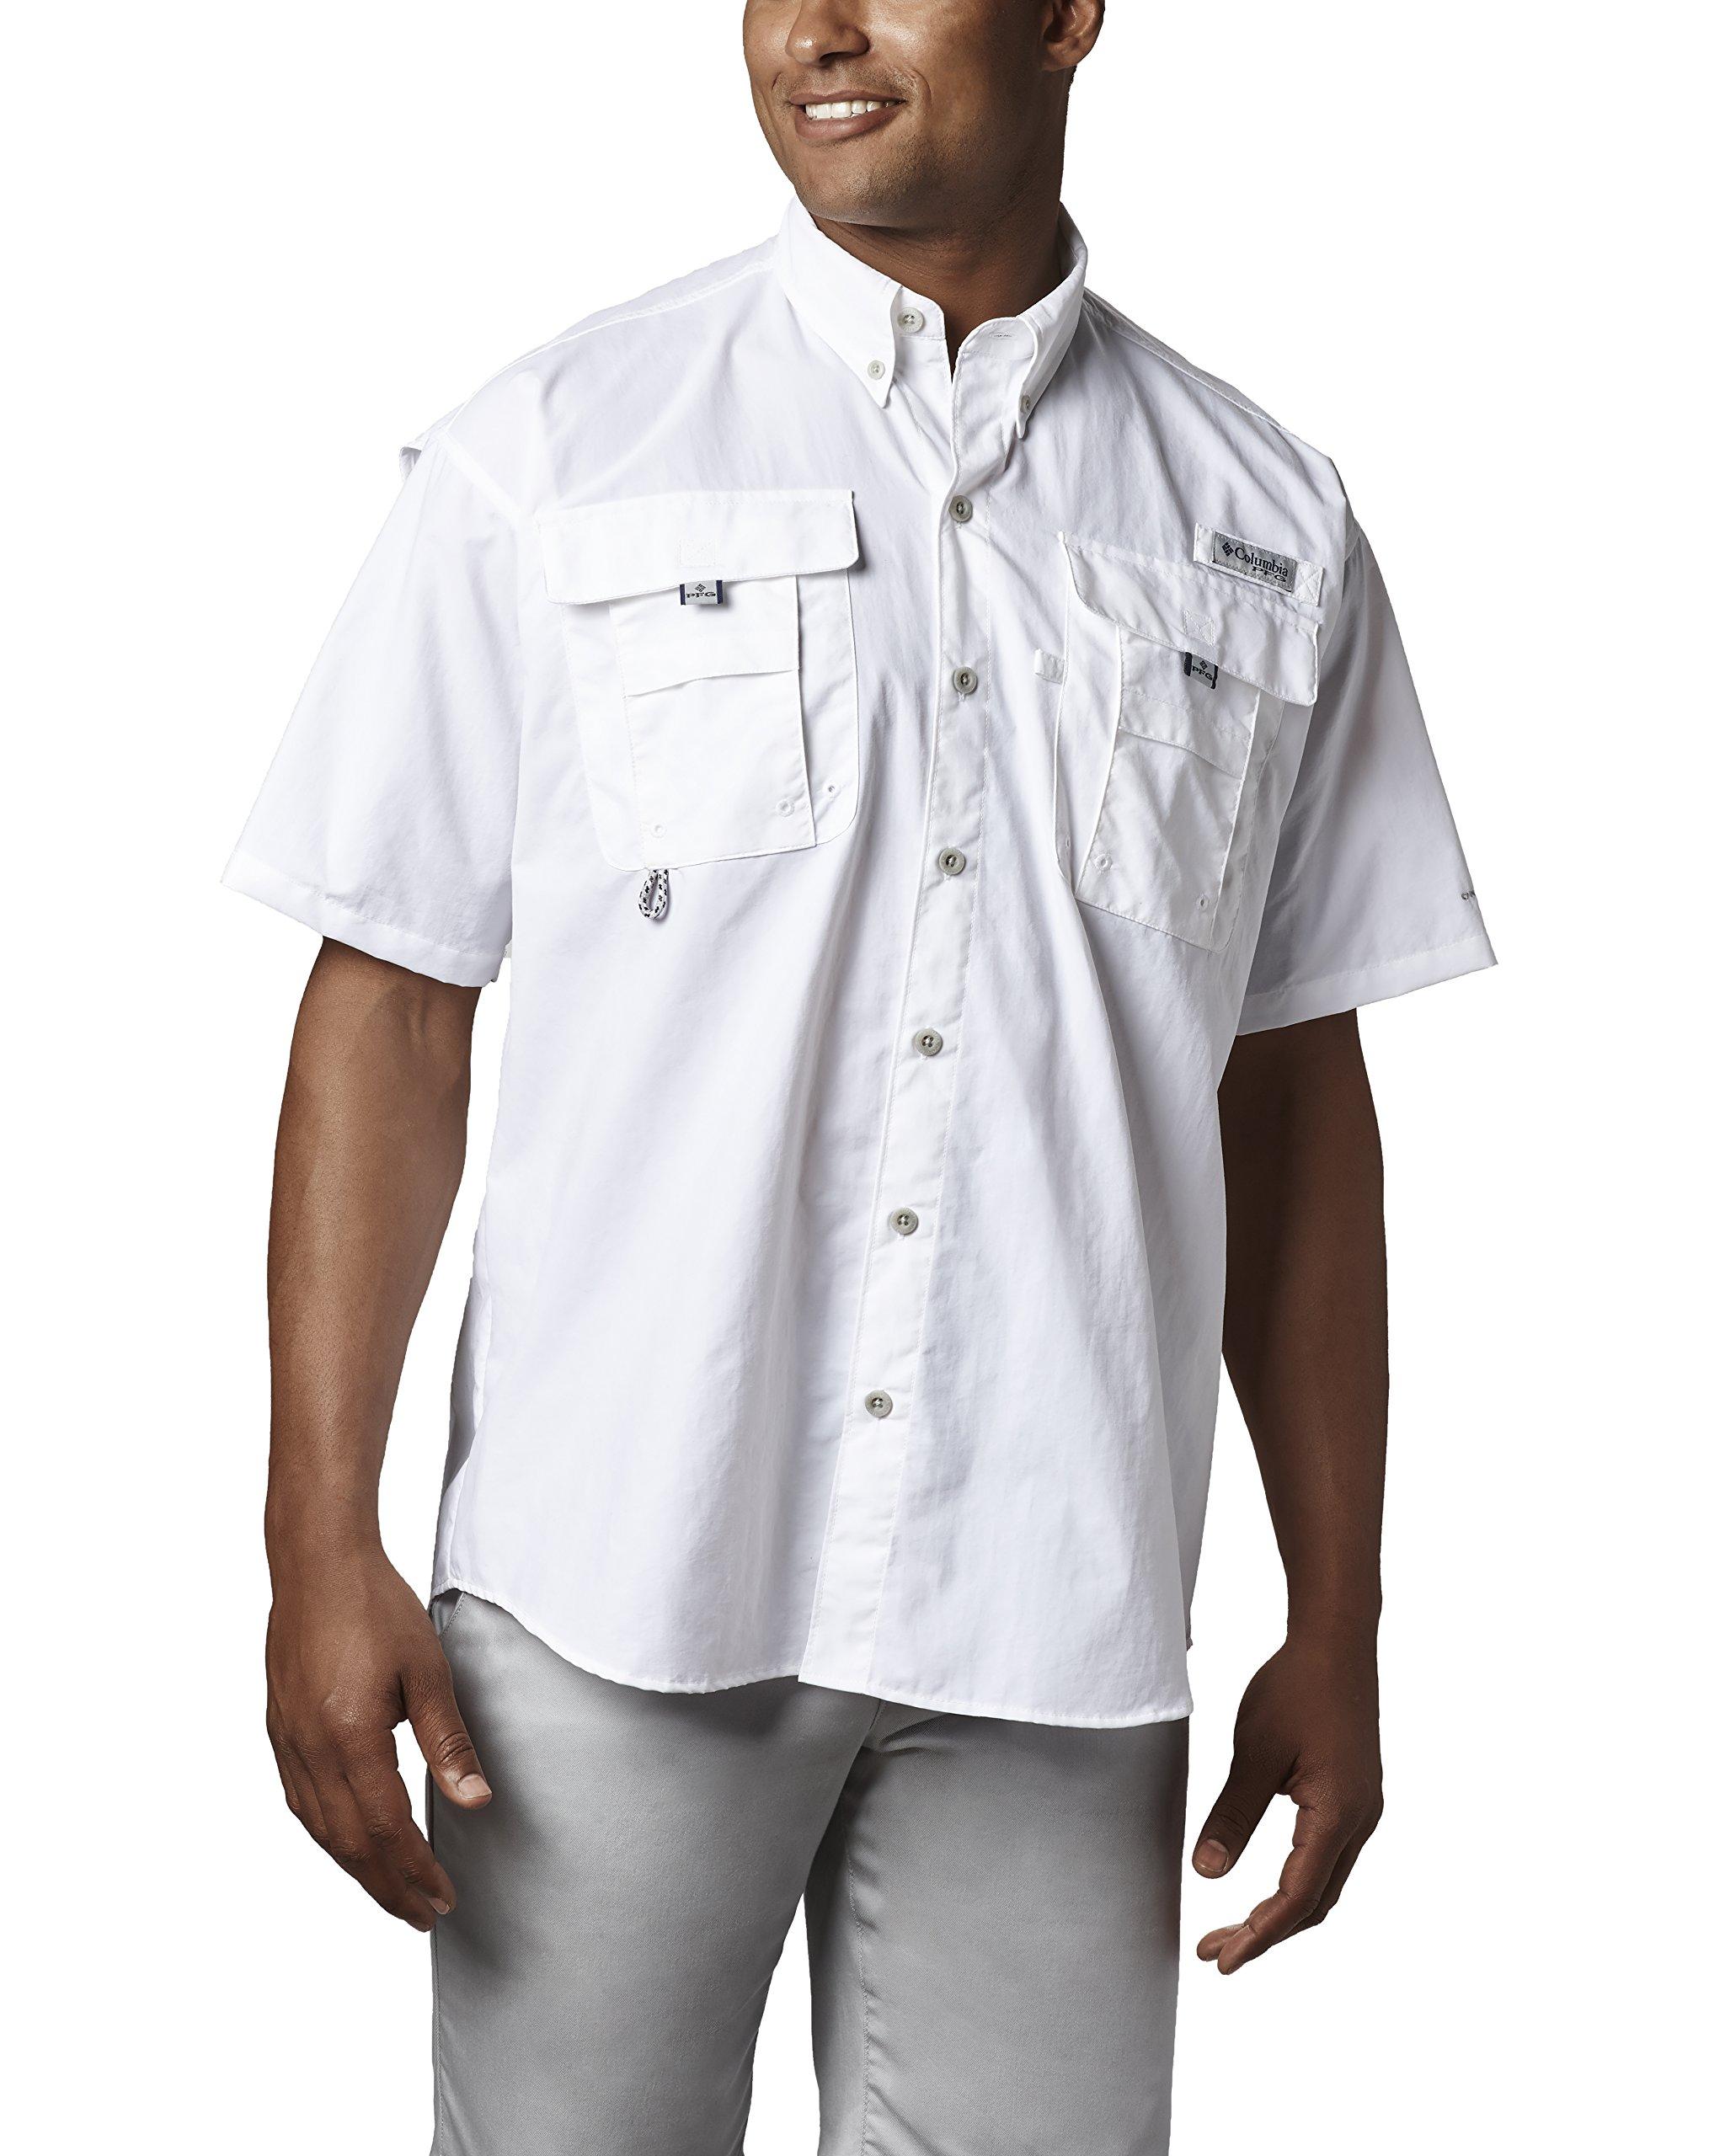 Columbia Men's Bahama II Short Sleeve Shirt, White, Large